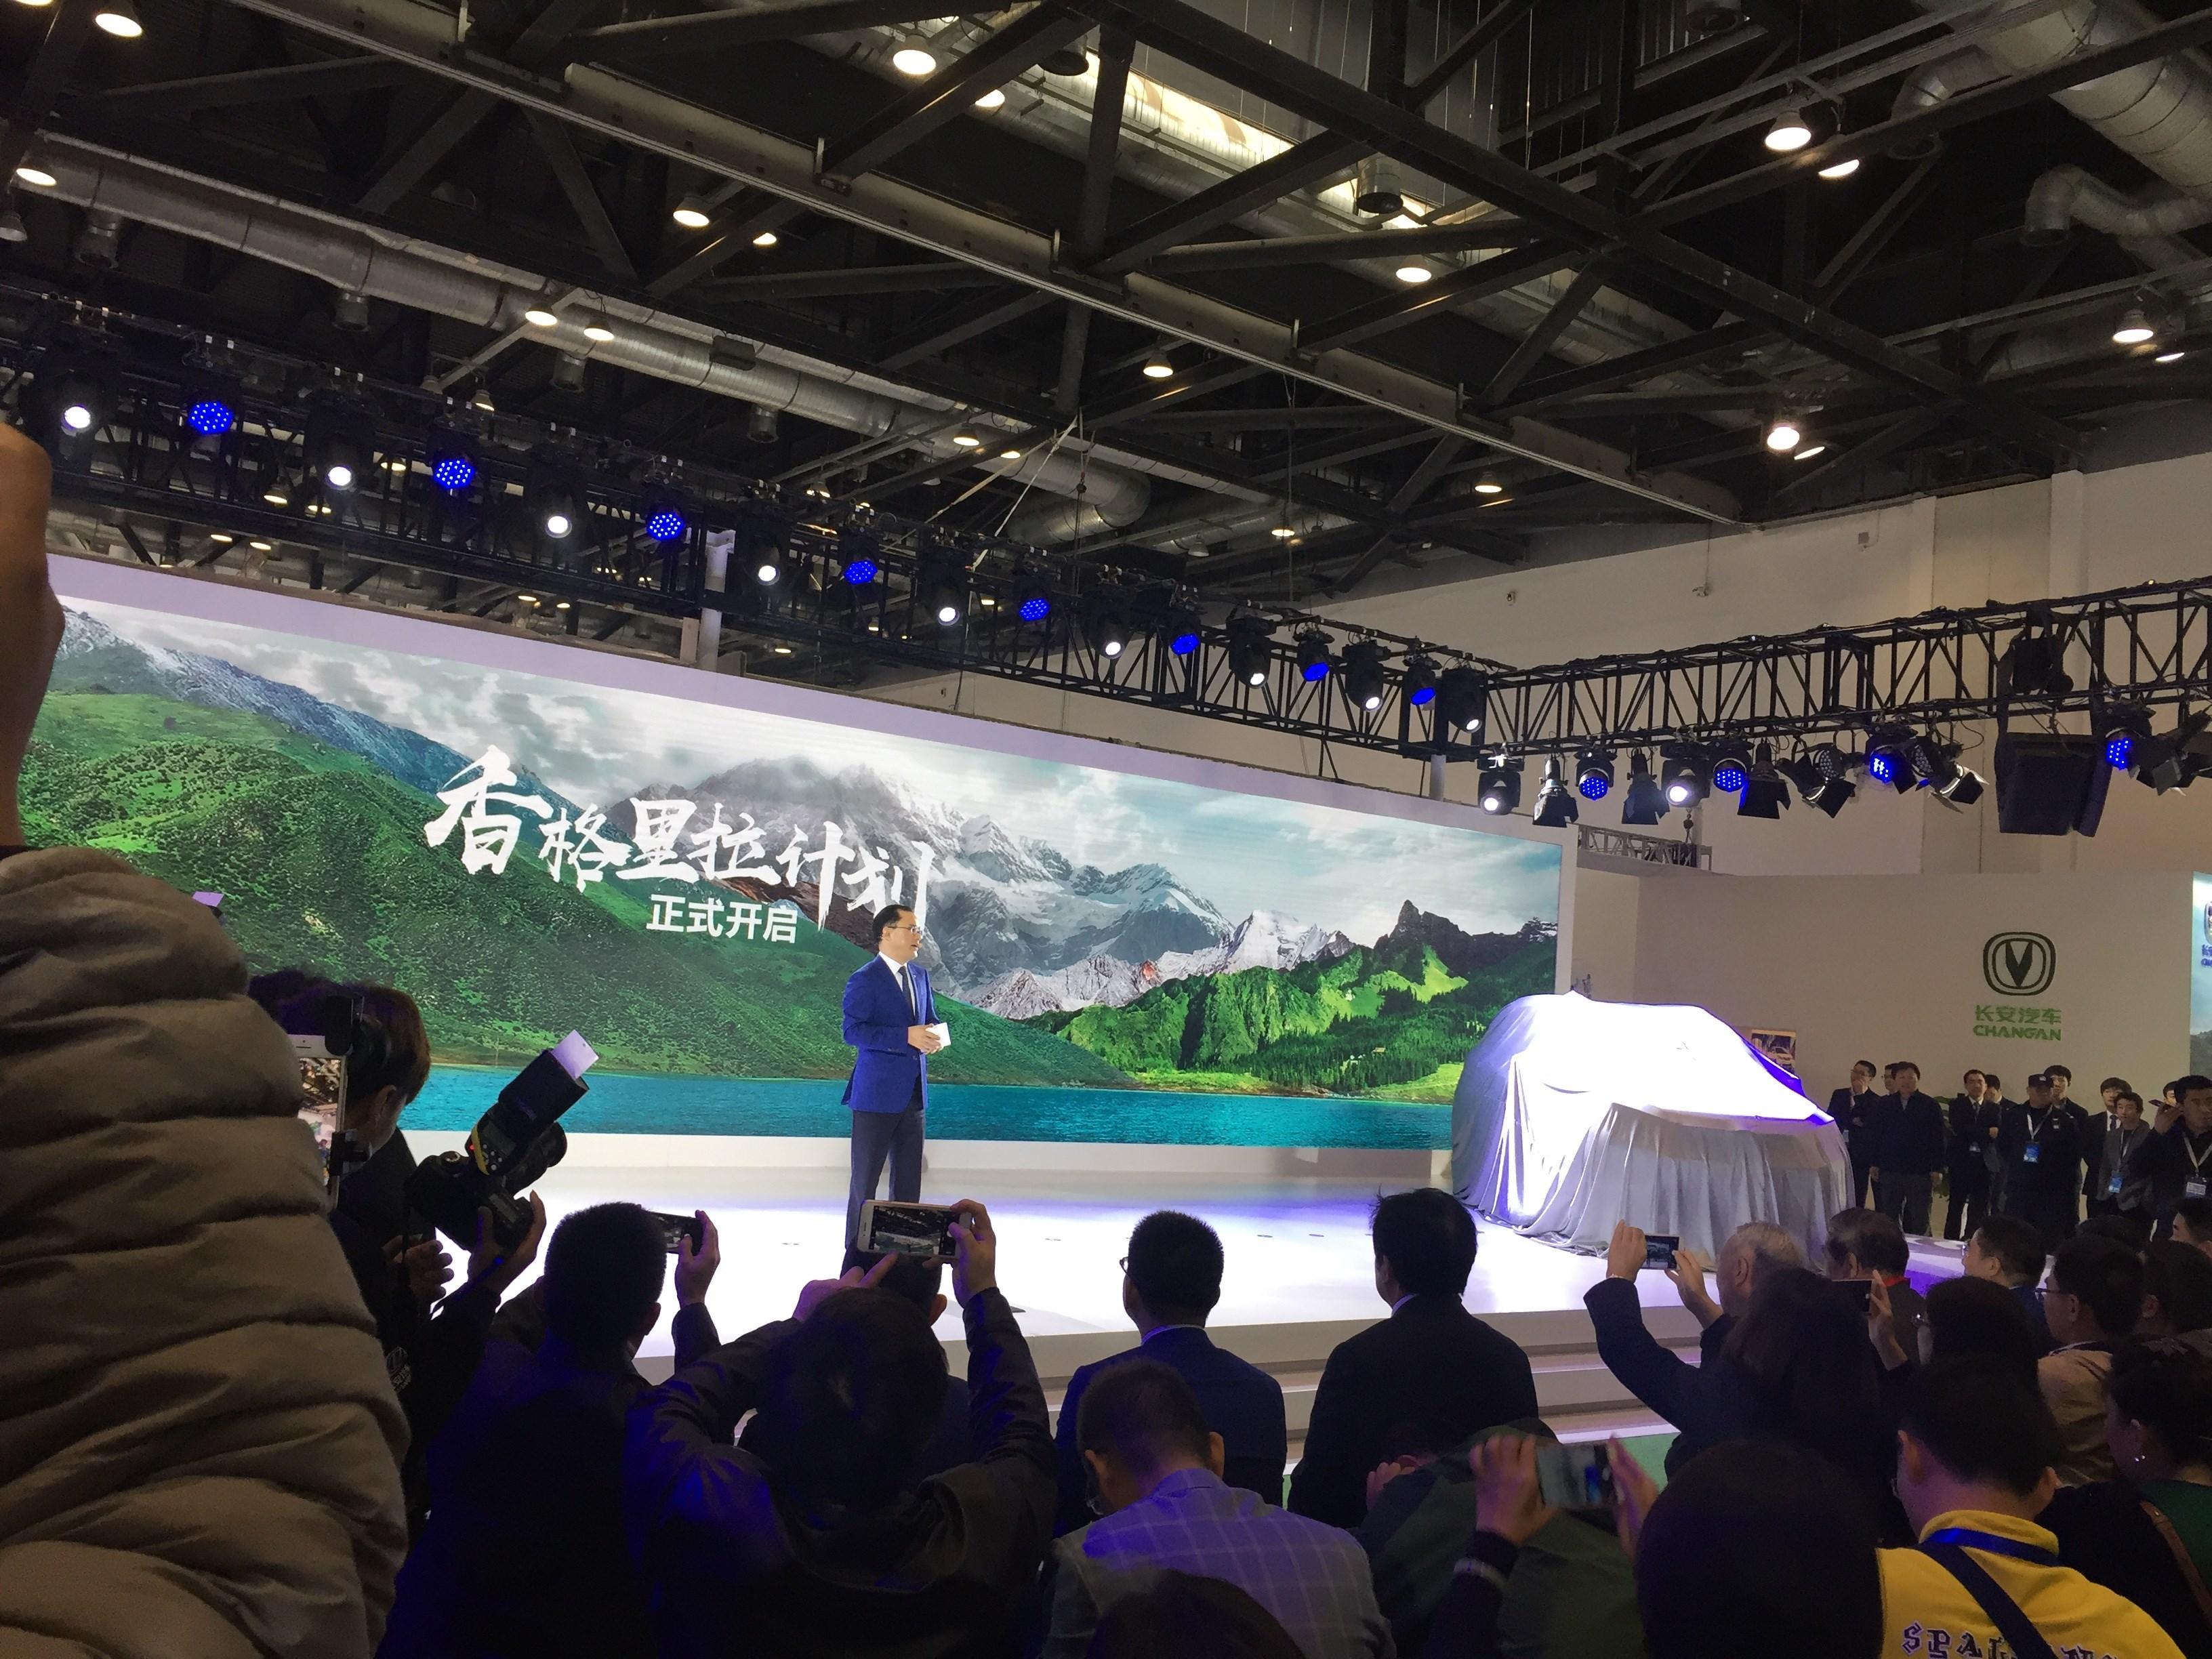 长安汽车发布新能源计划 2025年将停售燃油车